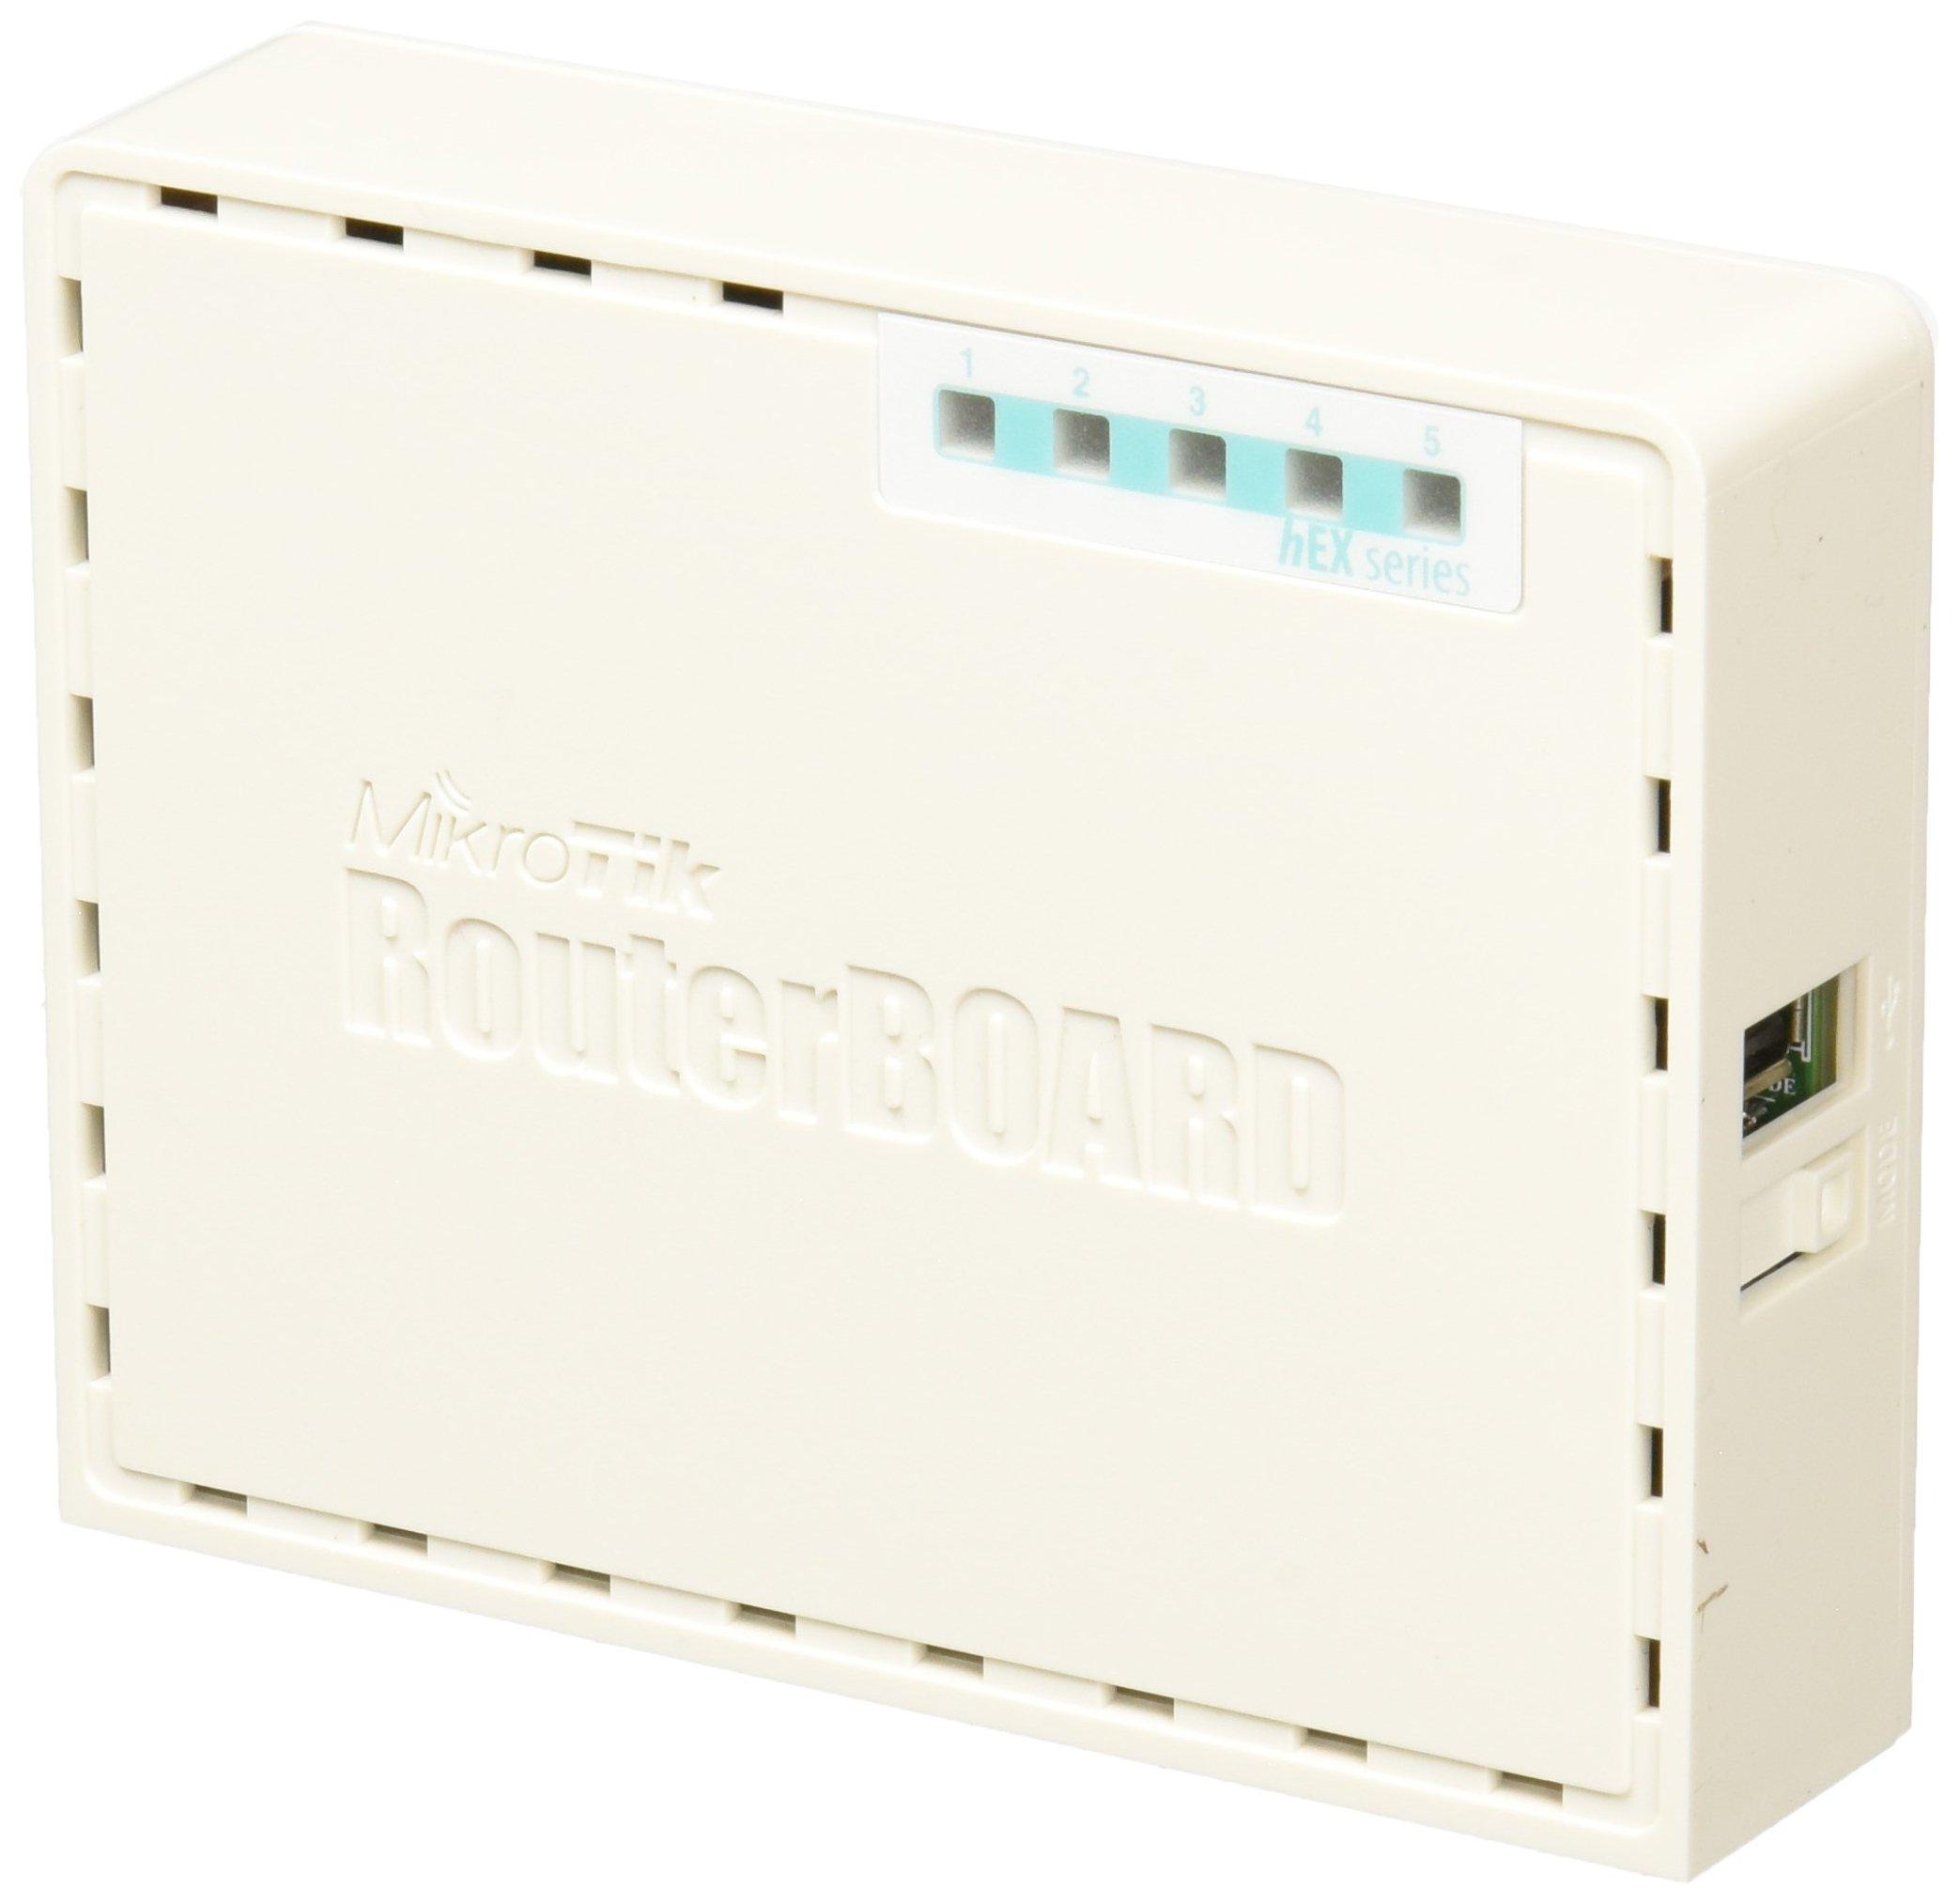 Mikrotik RB750GR3 - Router (10,100,1000 Mbit/s, 10/100/